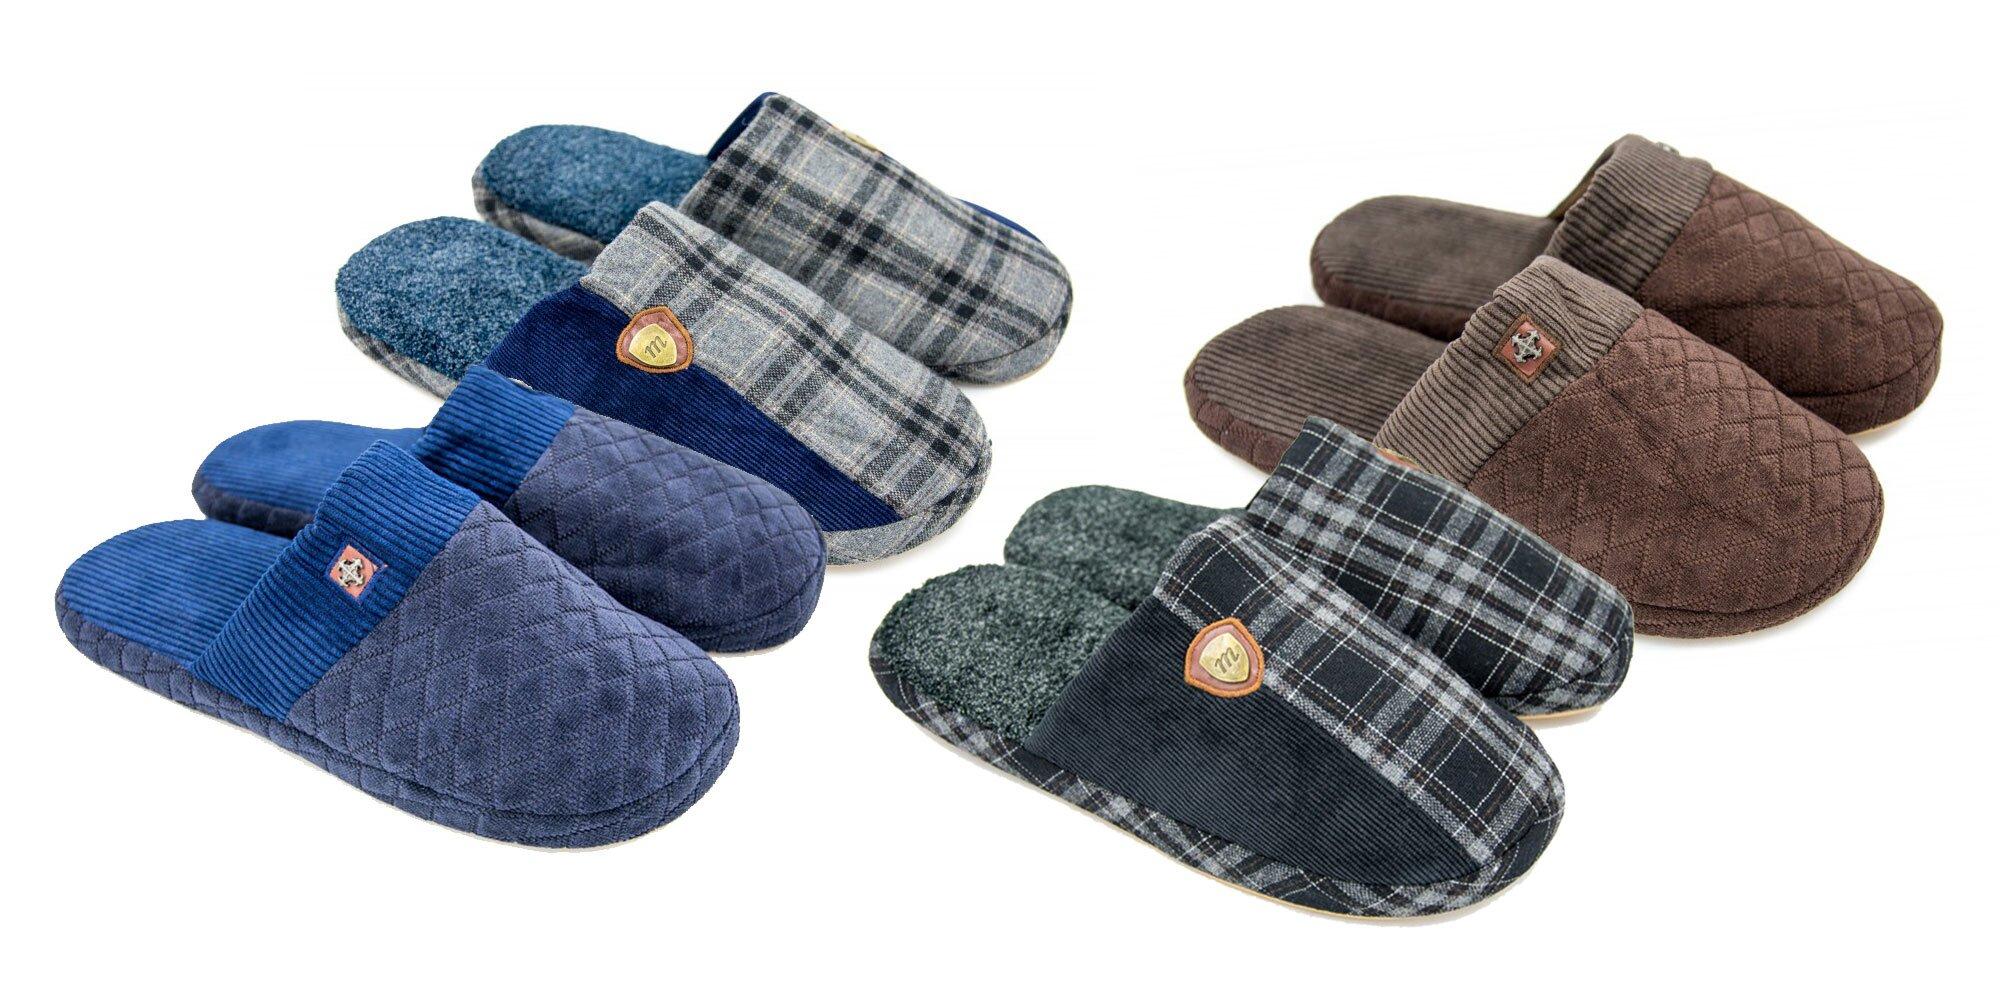 440382d6c484c Kvalitné pánske prešívané papuče v klasickom prevedení | Zlavomat.sk